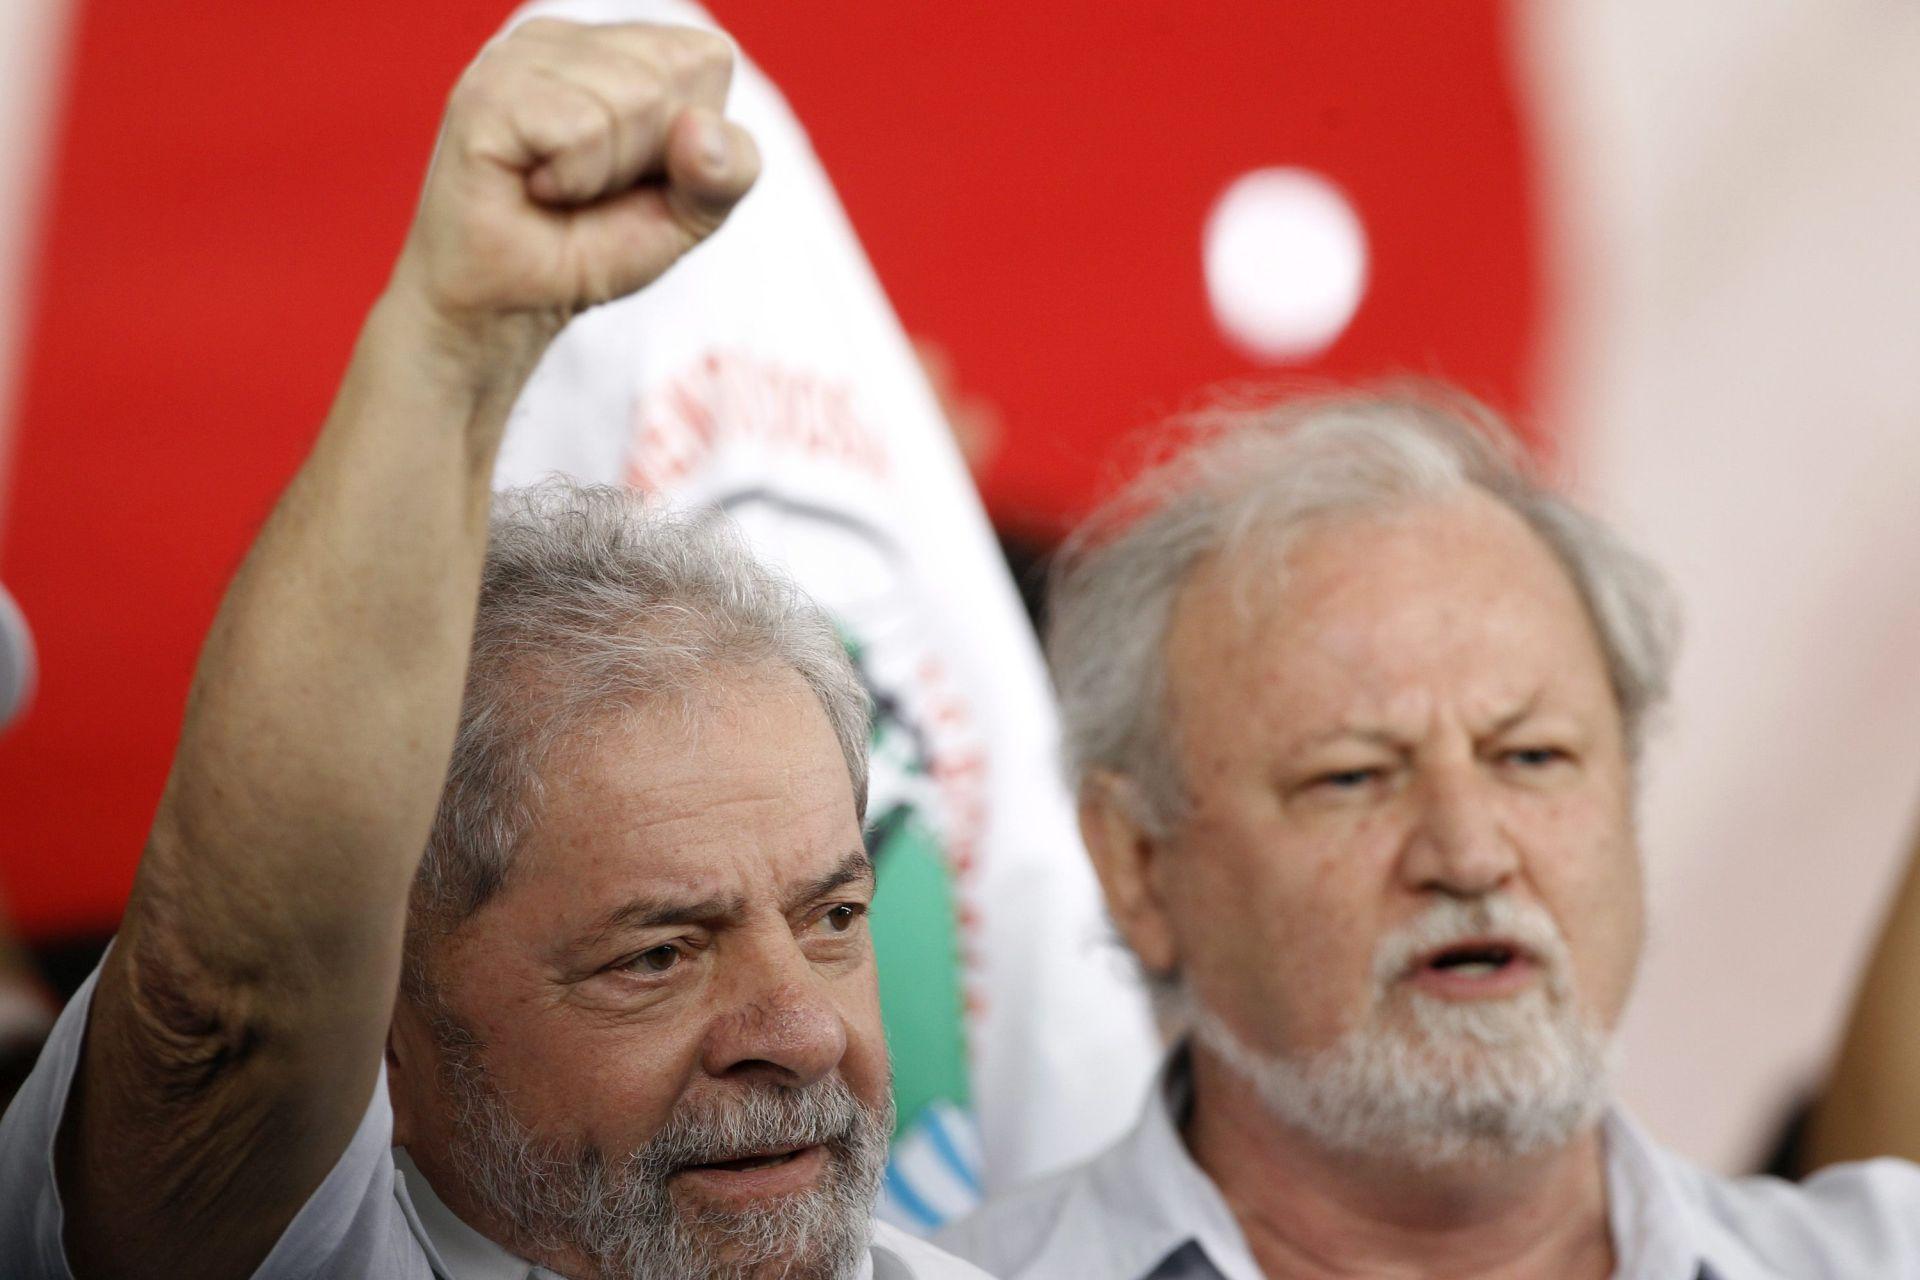 BRAZIL Bivši predsjednik Lula pregovara o uvjetima uhićenja